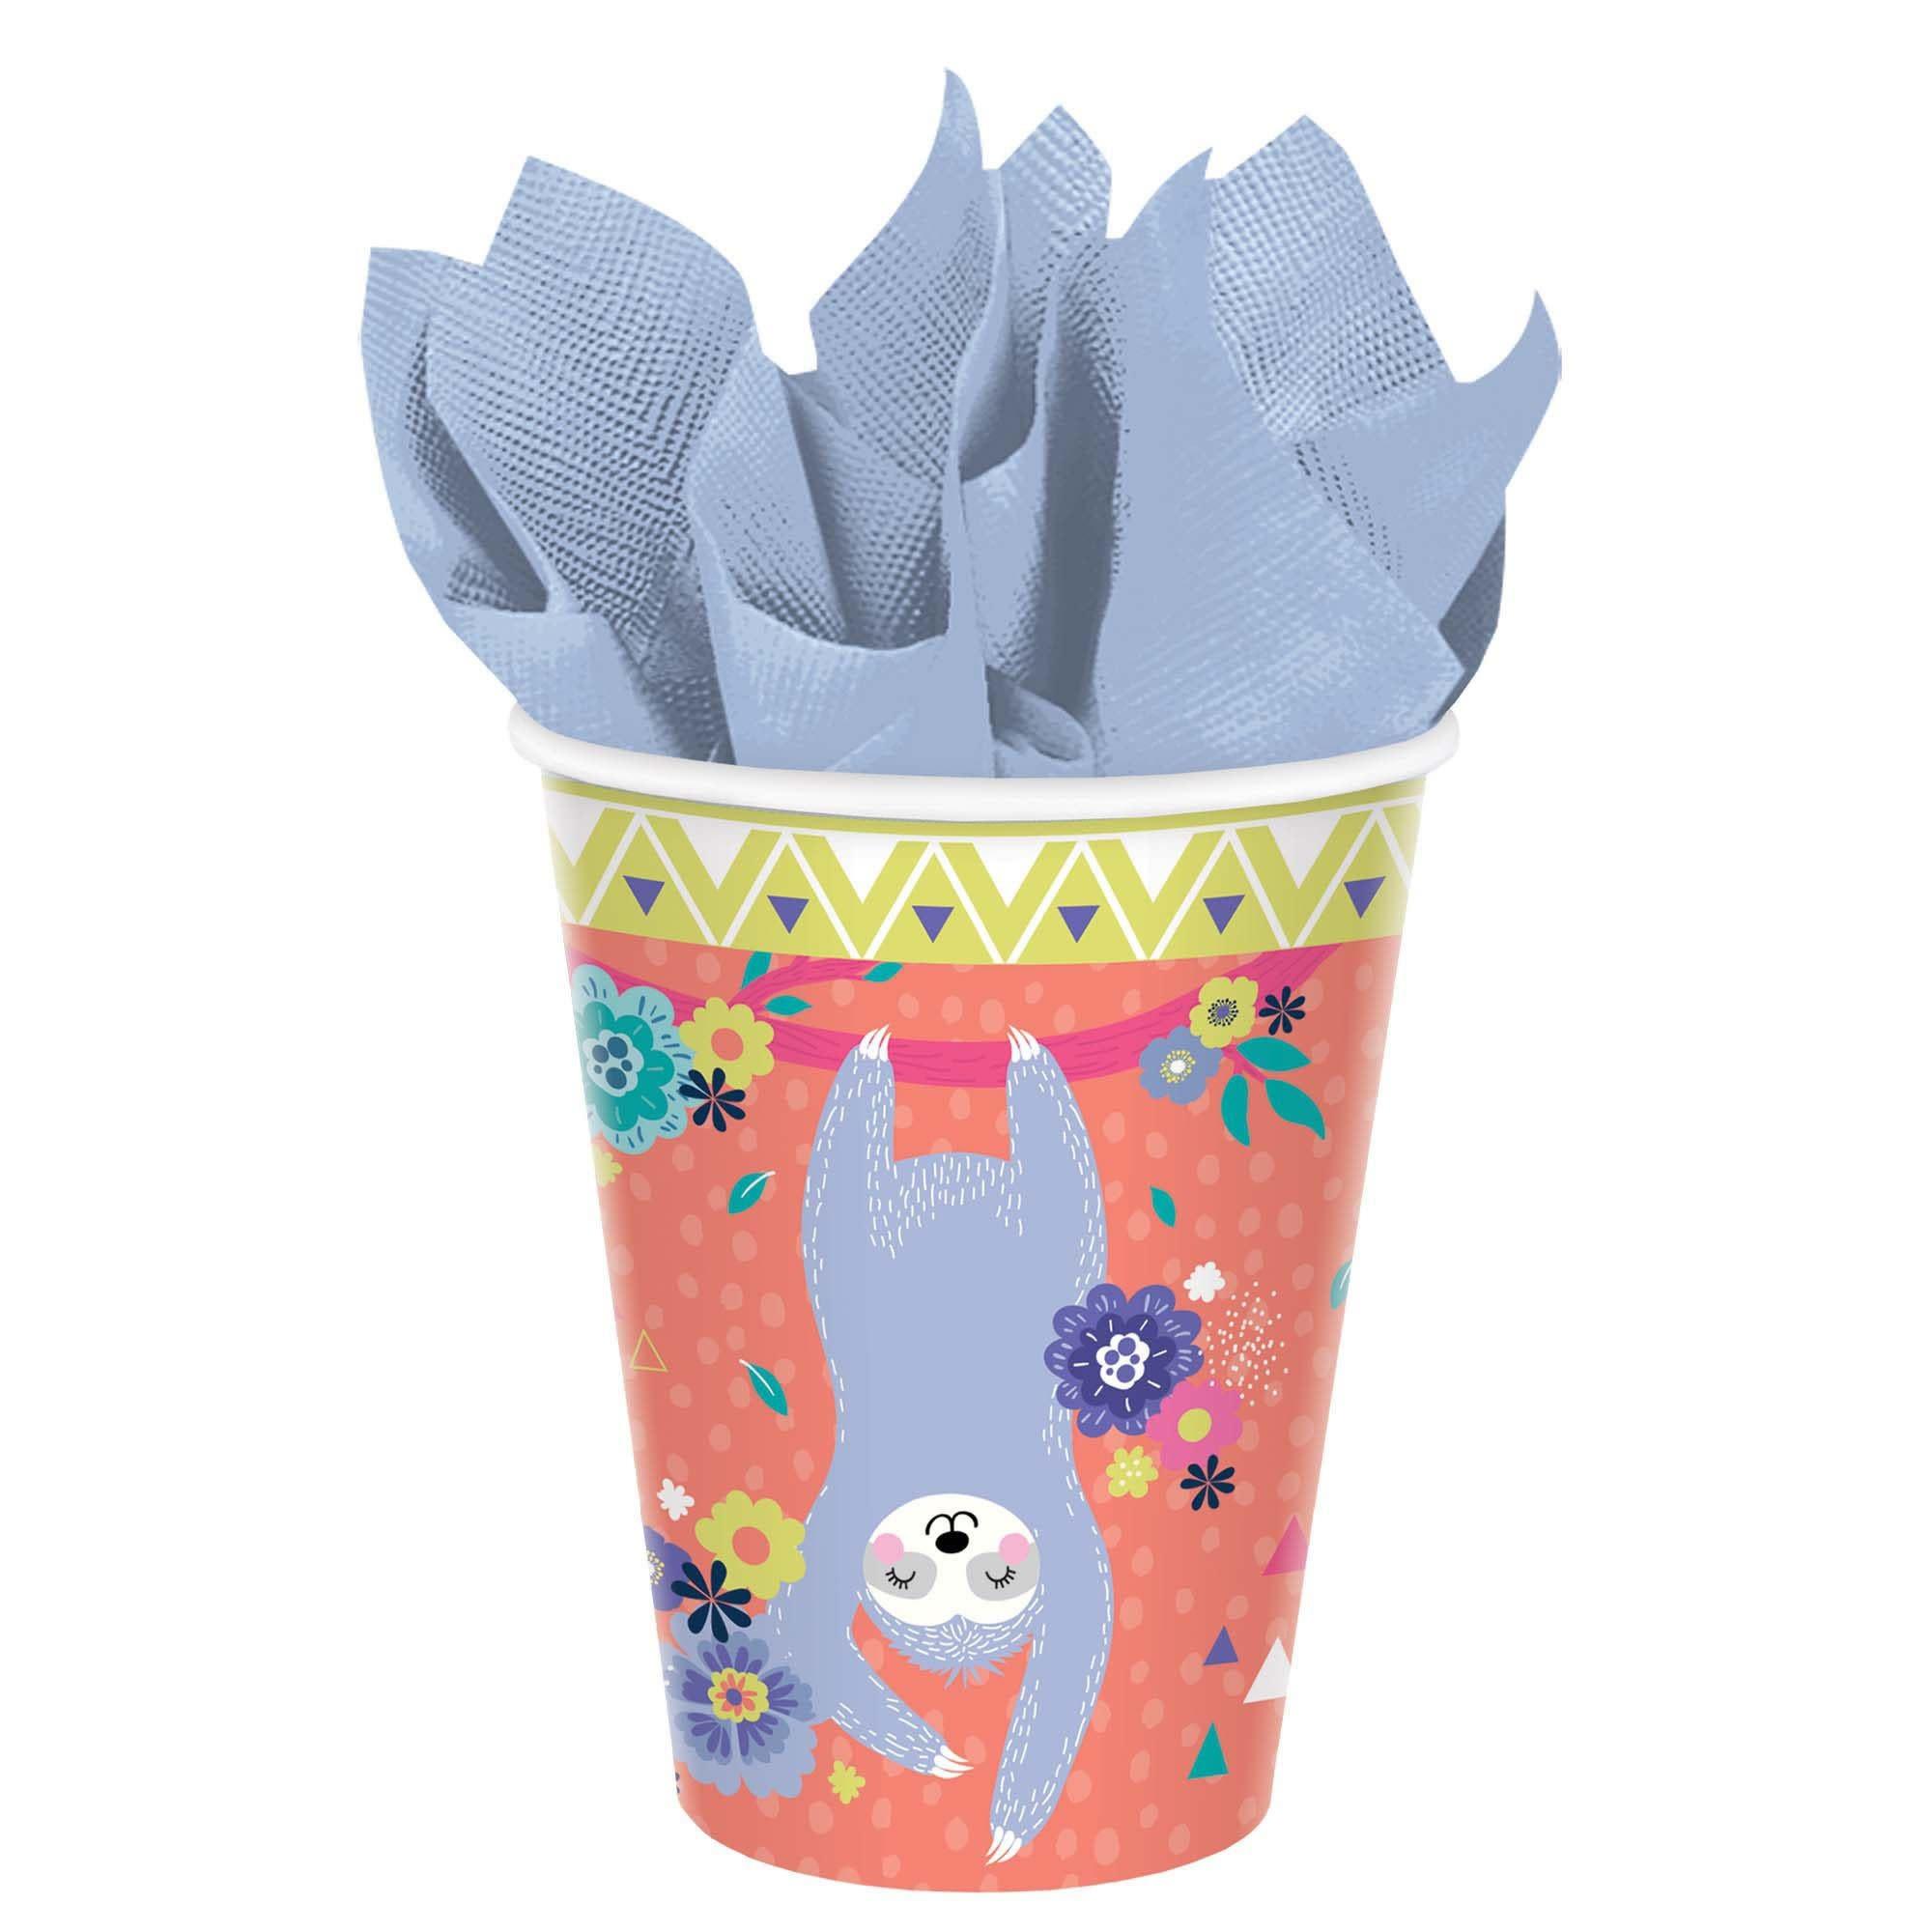 Sloth Cups, 9 Oz.